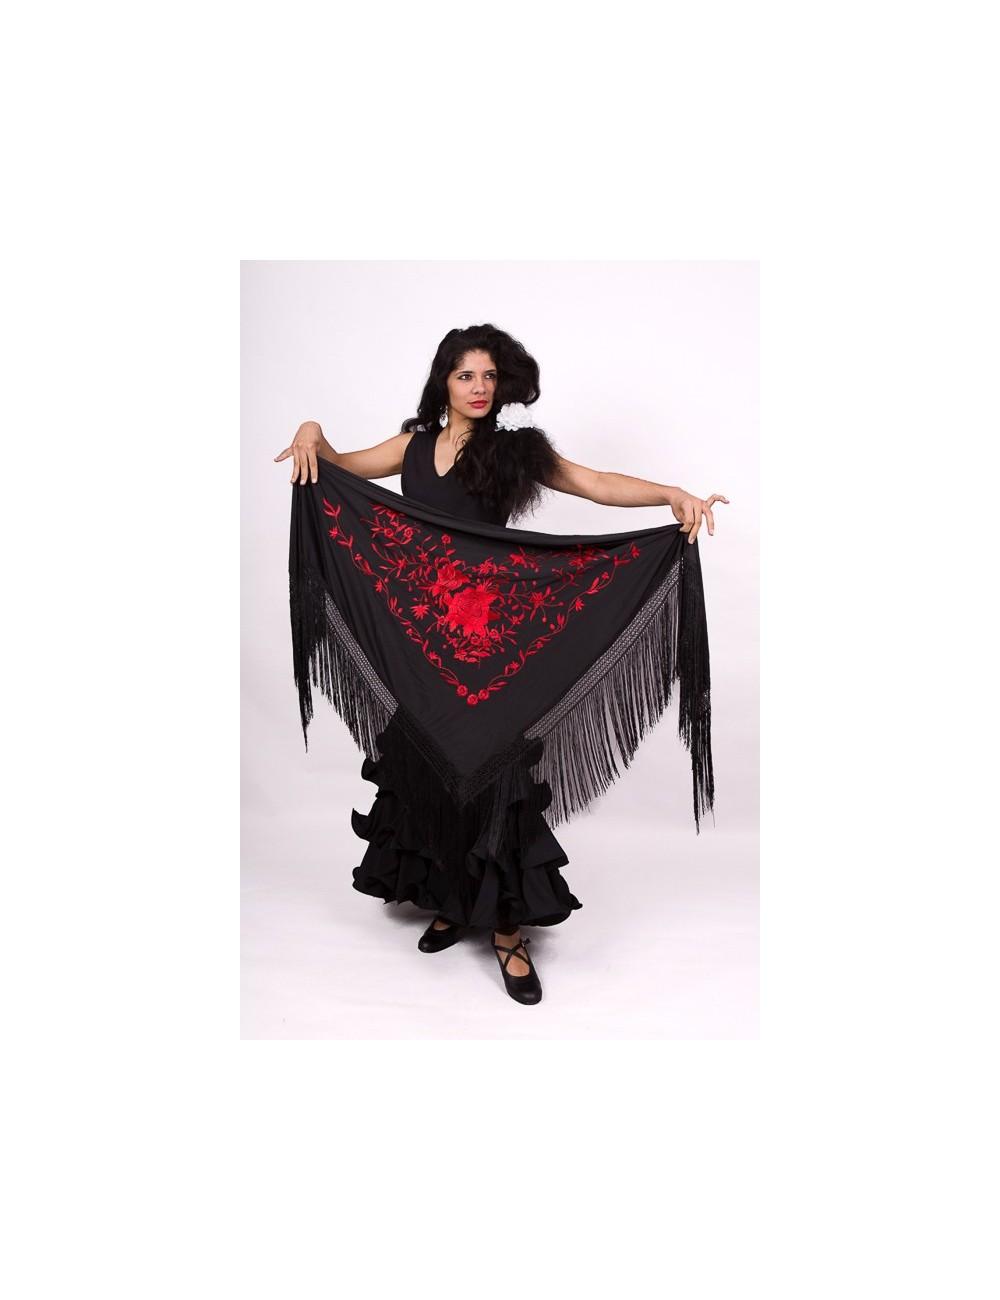 Châle flamenco noir brodé rouge